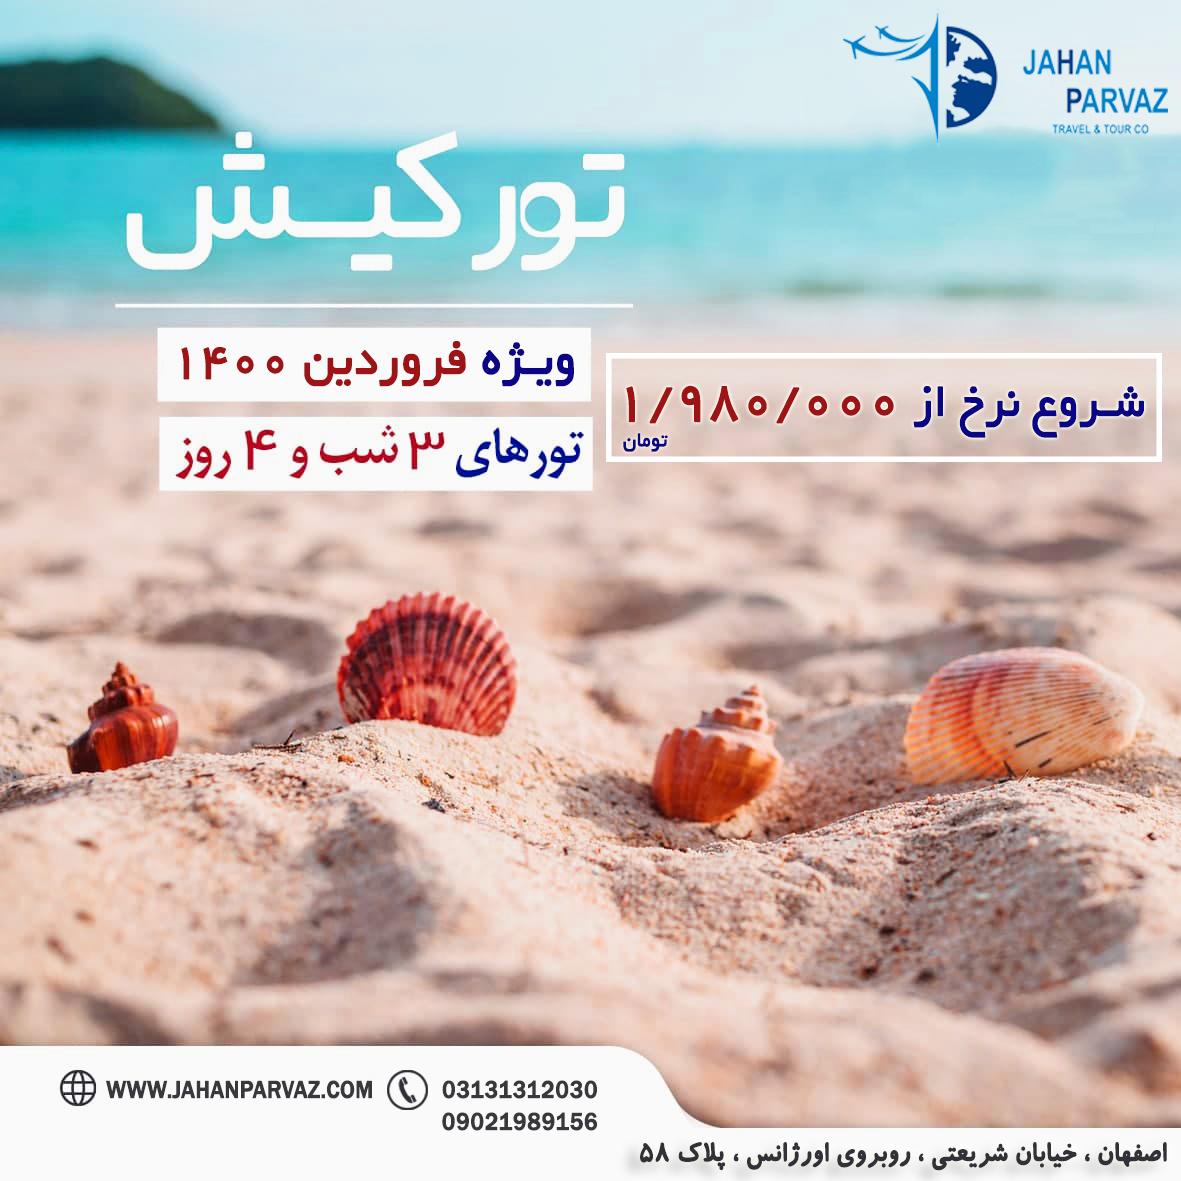 تور کیش از اصفهان ویژه فروردین 1400_جهان پرواز